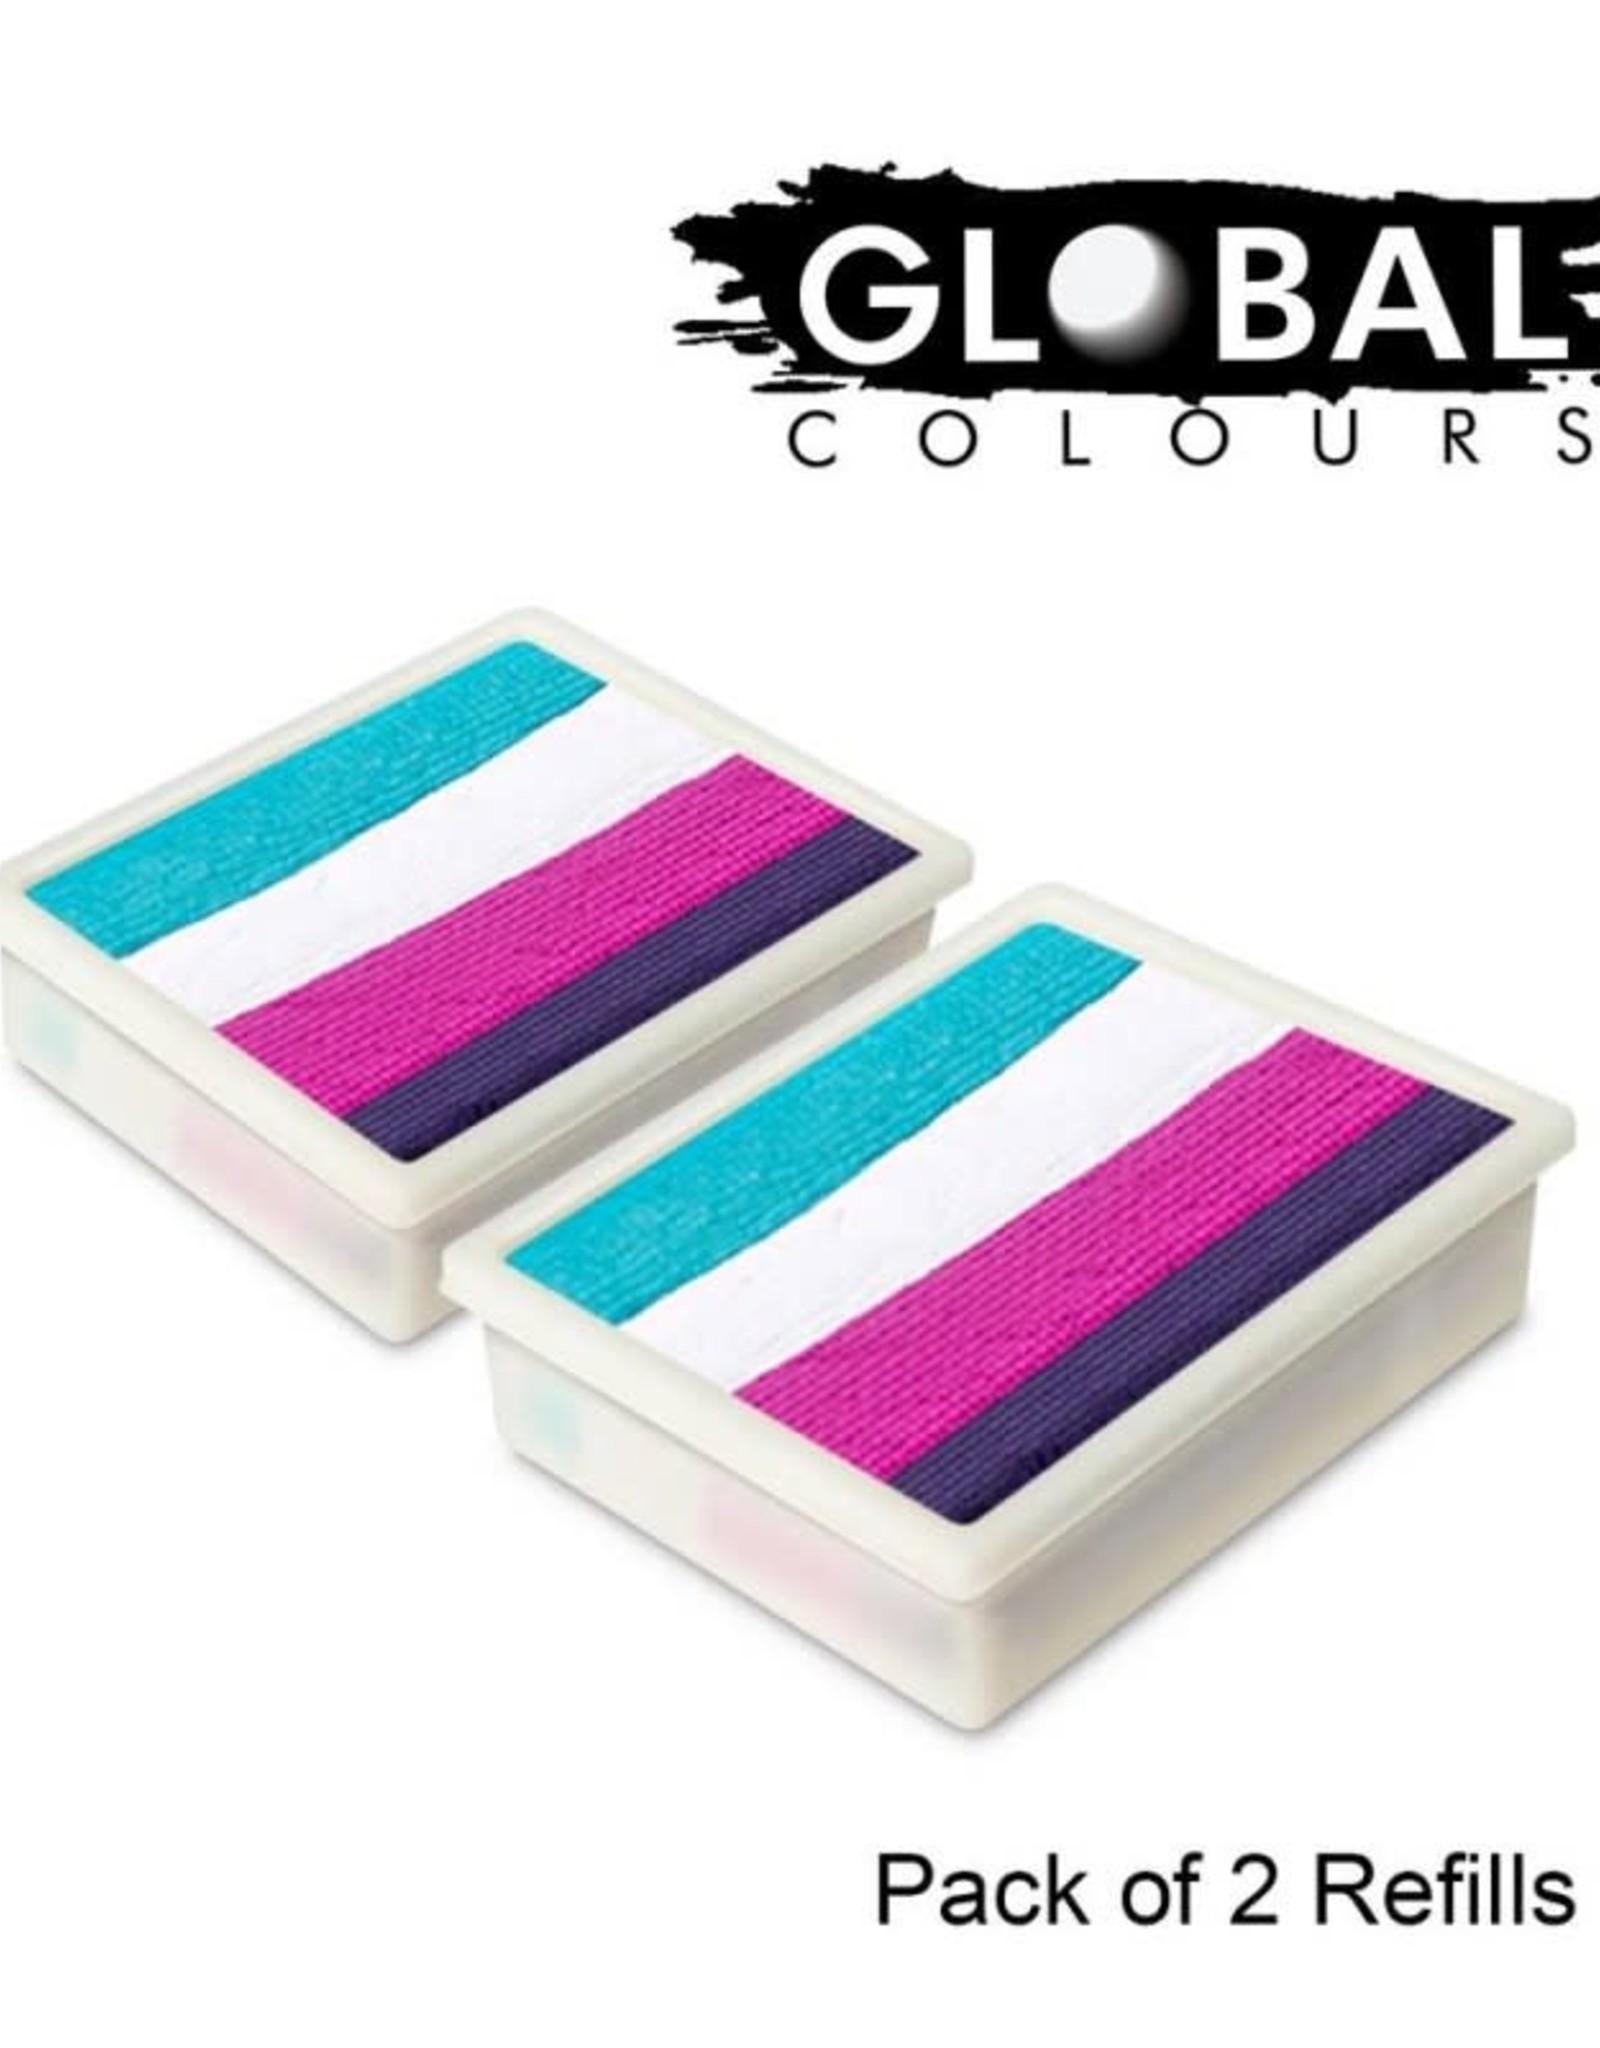 Global Global Colours - 2 PACK Bavaria 2 x 10g